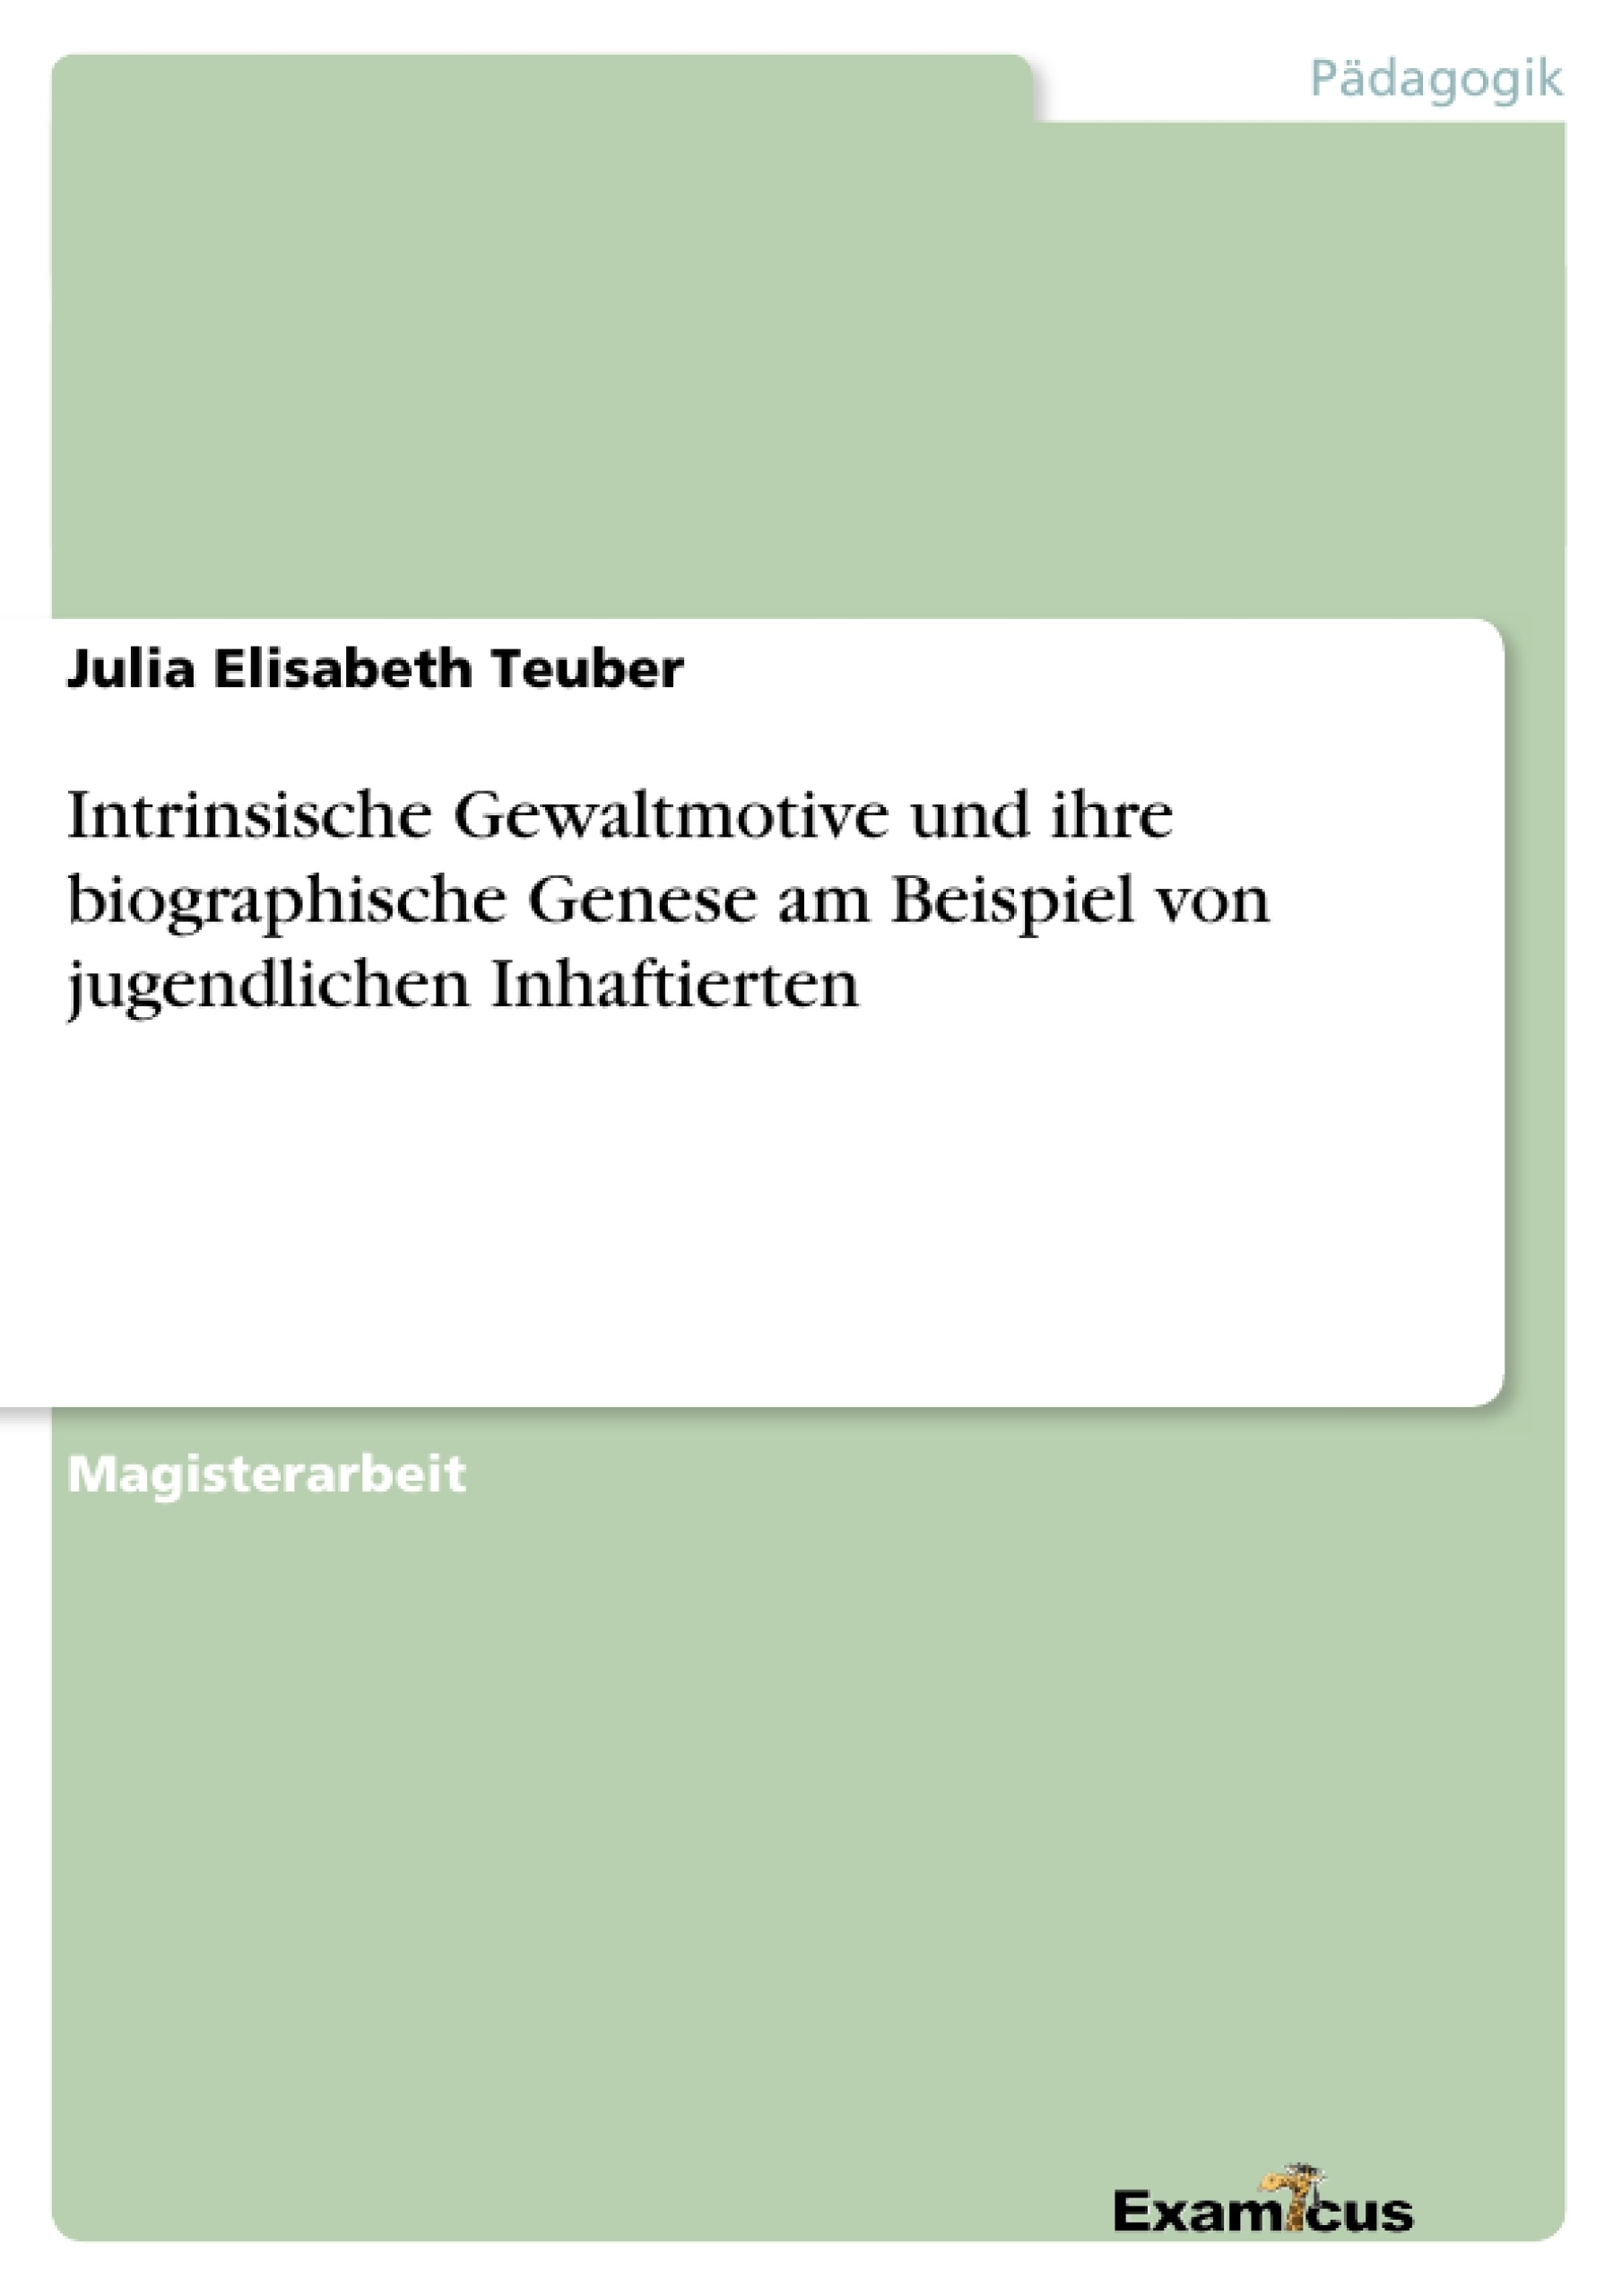 Titel: Intrinsische Gewaltmotive und ihre biographische Genese am Beispiel von jugendlichen Inhaftierten